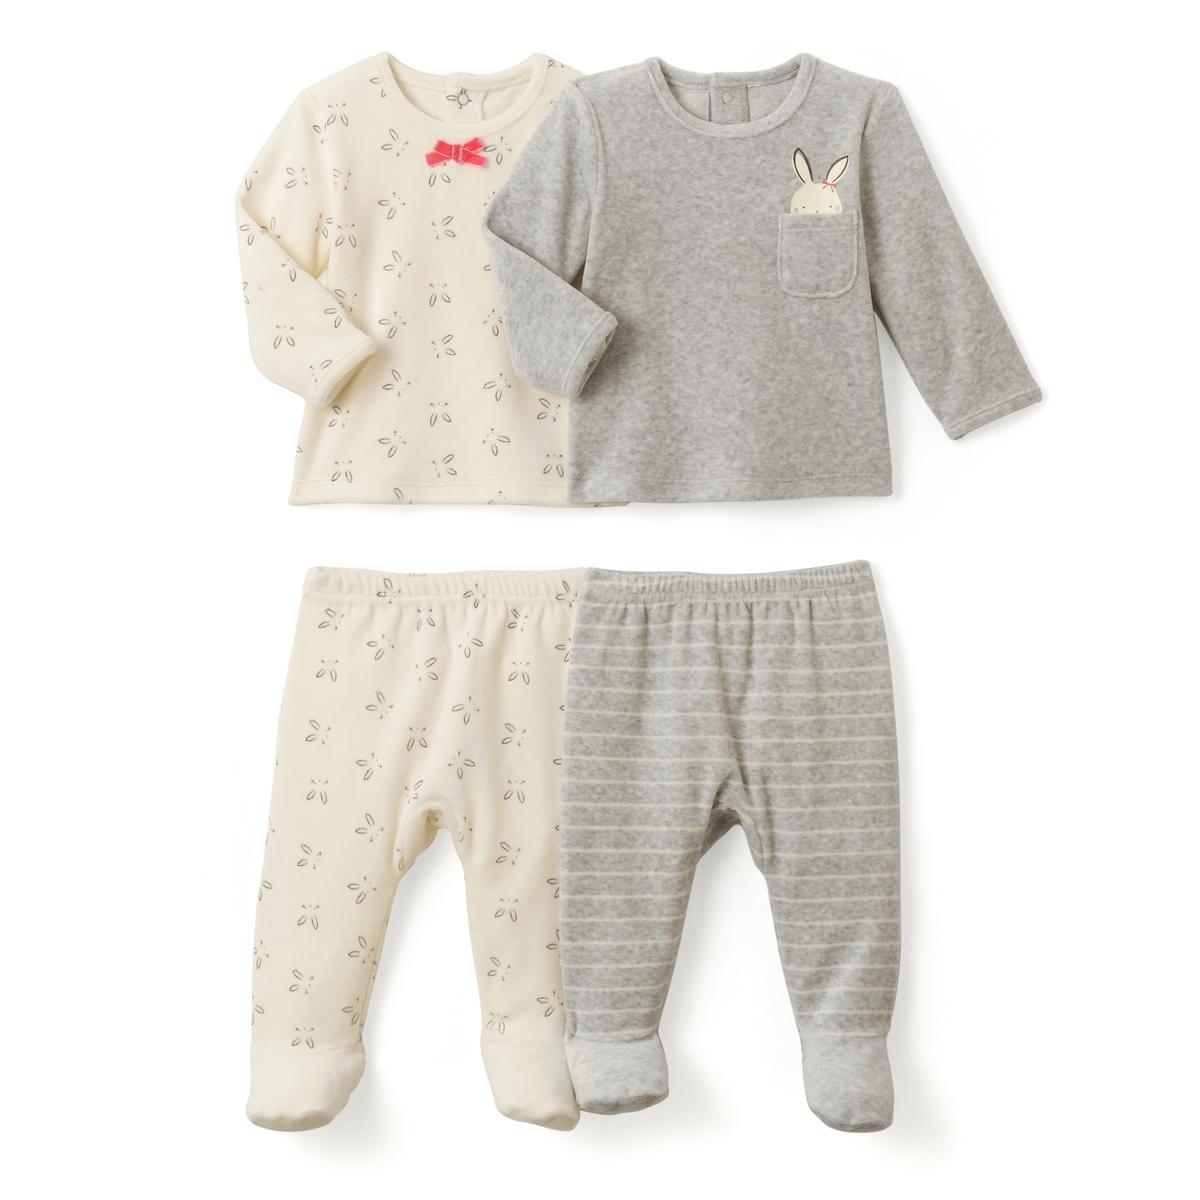 2 пижамы из  предметов с рисунком кролик, 0 мес. - 3 года